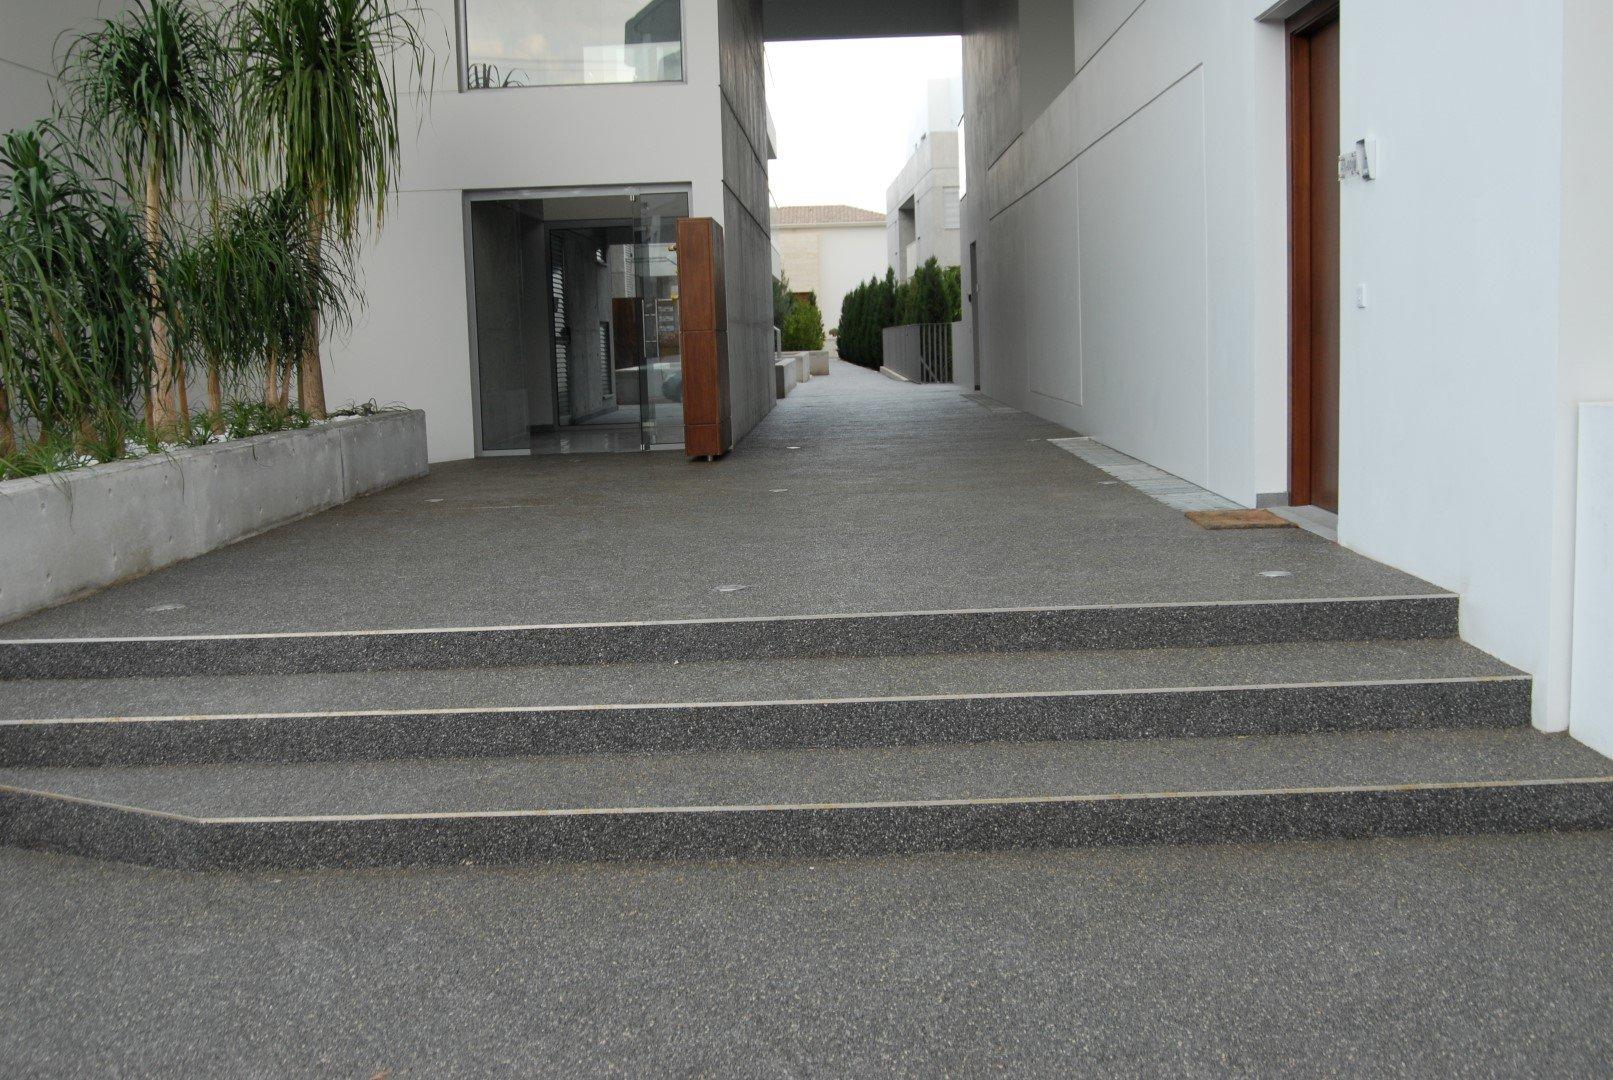 Έργο: Makedonitissis στην Έγκωμη  Αρχιτέκτονας: Epitessera  Ημ. Εκτέλεσης: 16/03/2011  Περιοχή: 420 m2  Χρήση: Outdoor Parking lot decorative floor  Προϊόν: UniPave